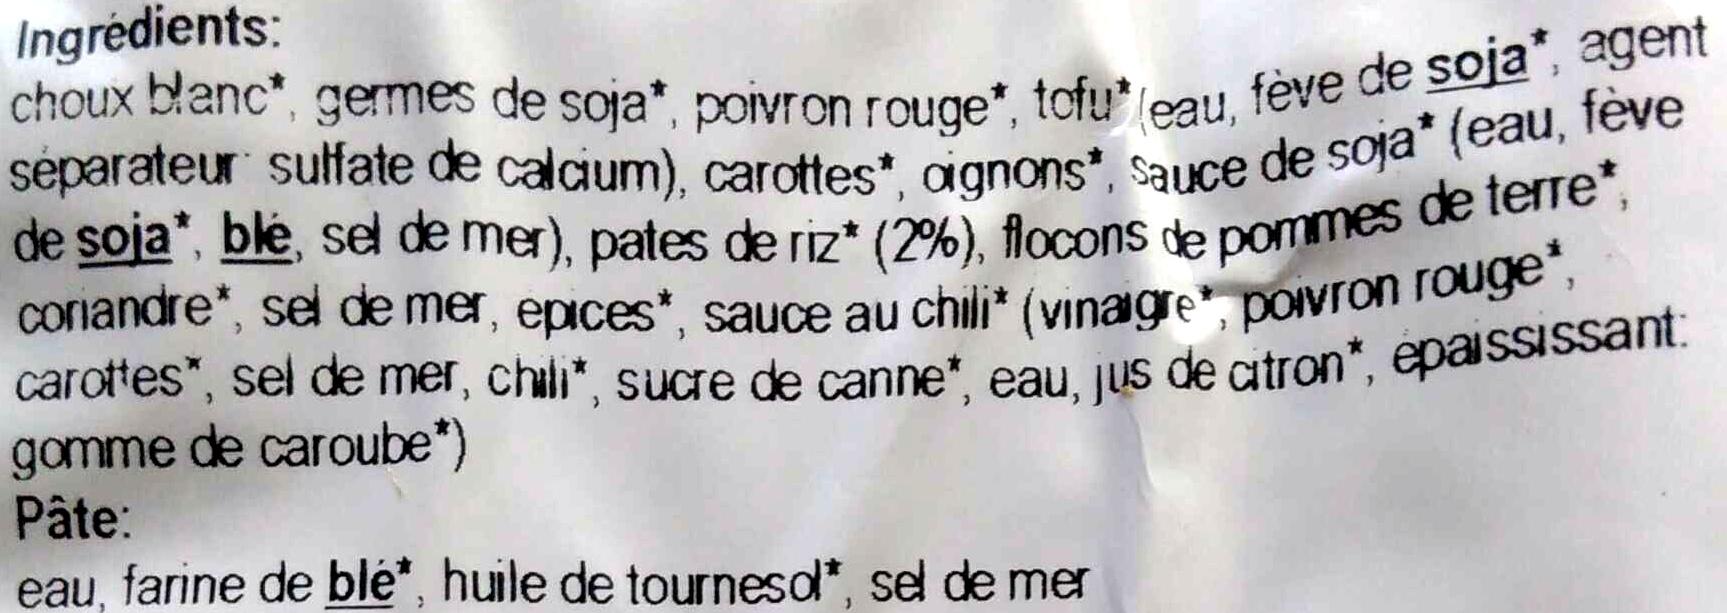 Rouleaux printaniers thai - Ingrédients